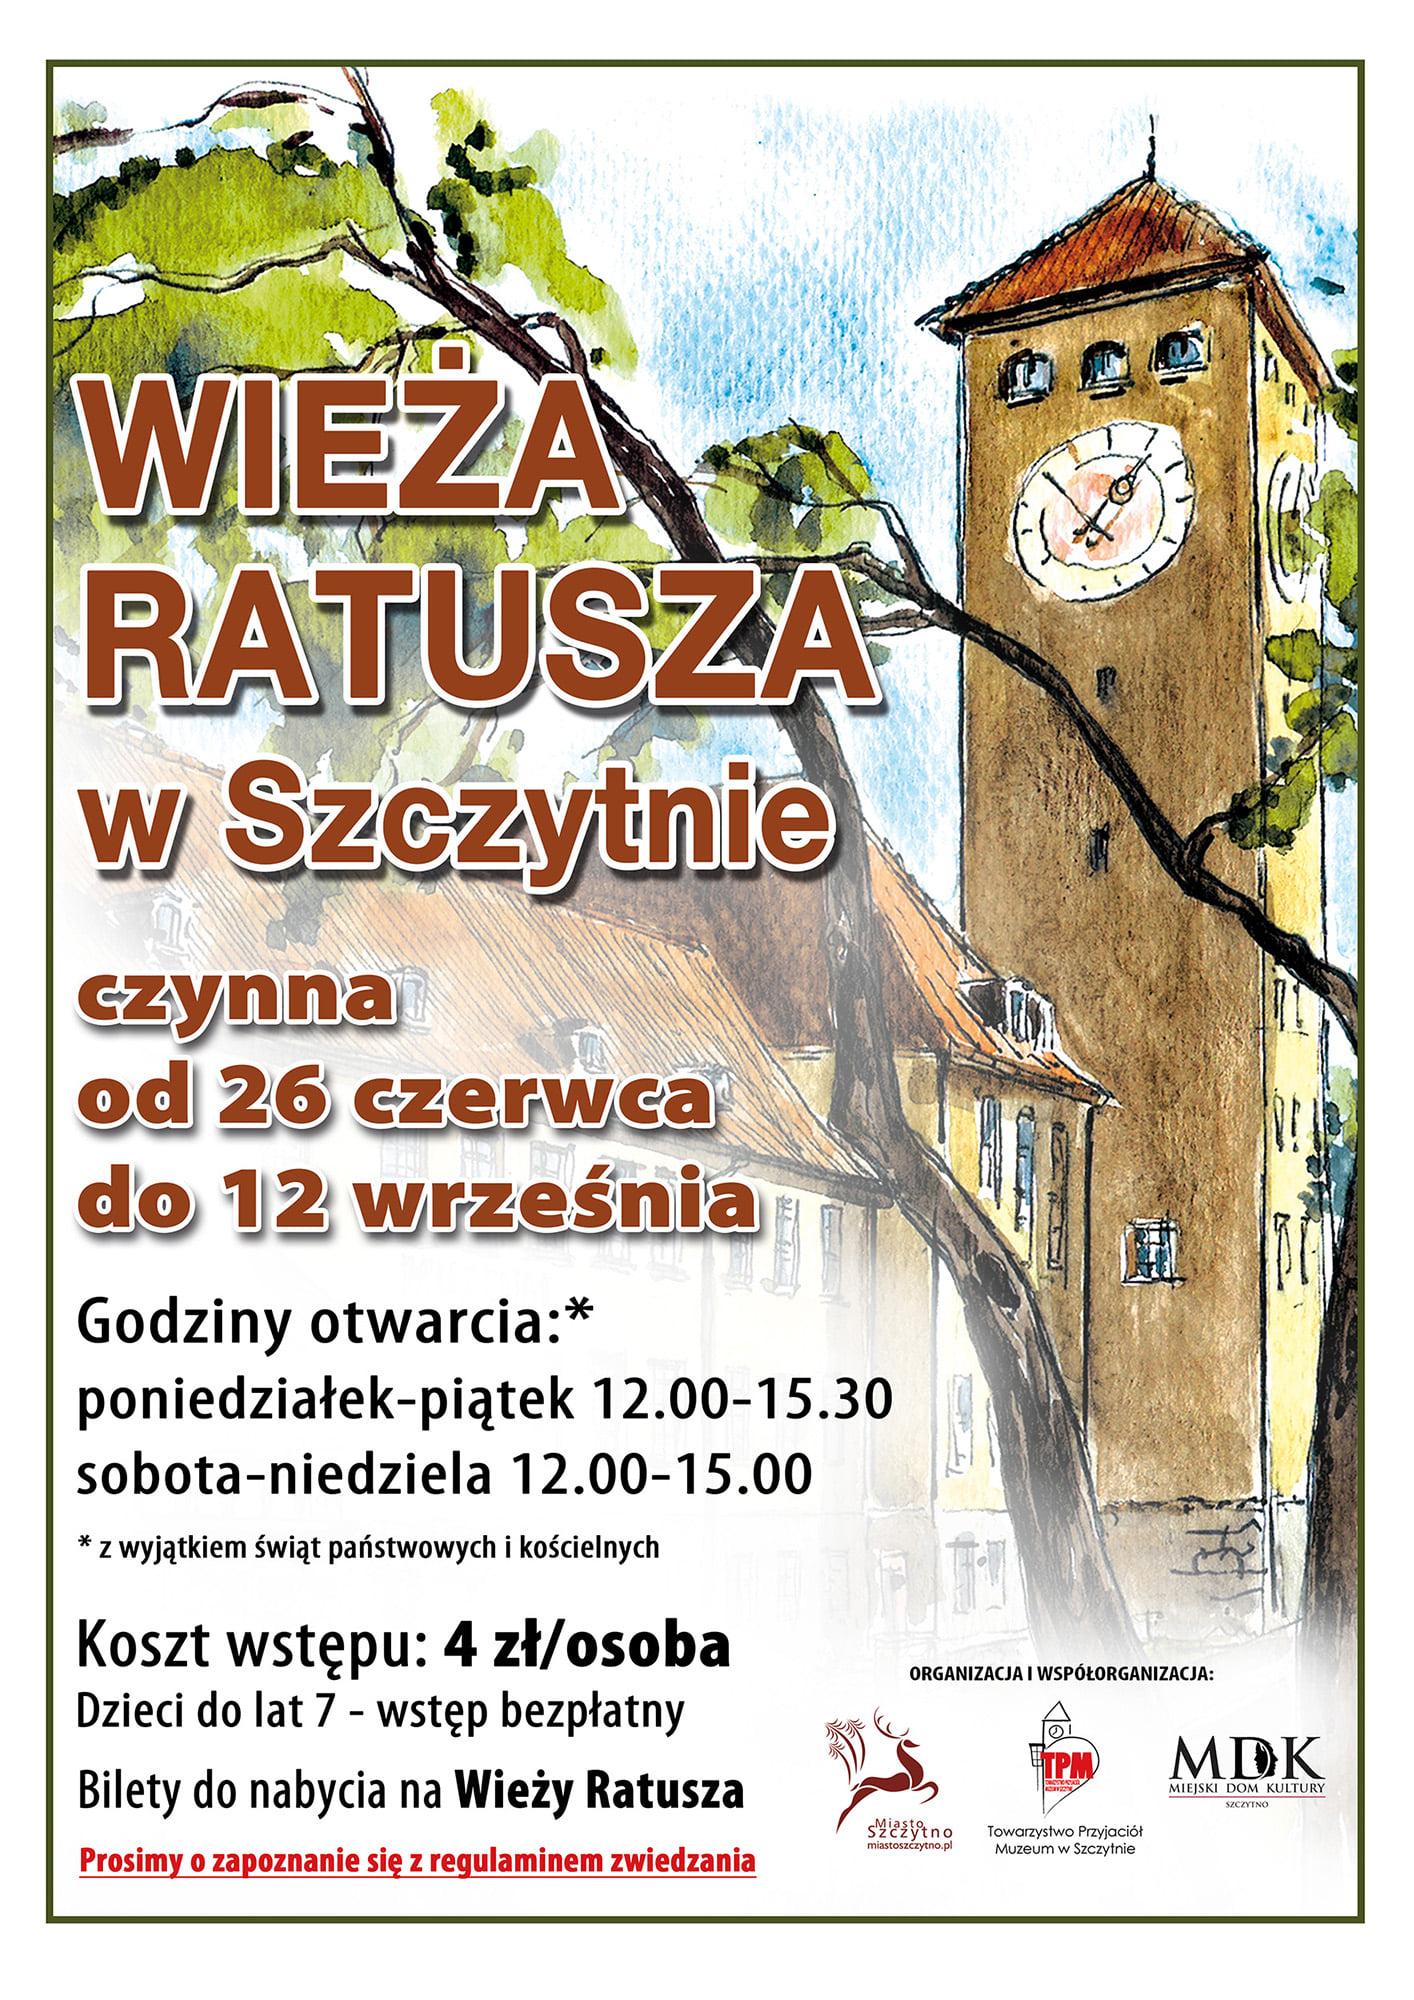 https://m.powiatszczycienski.pl/2021/06/orig/wieza-41486.jpg